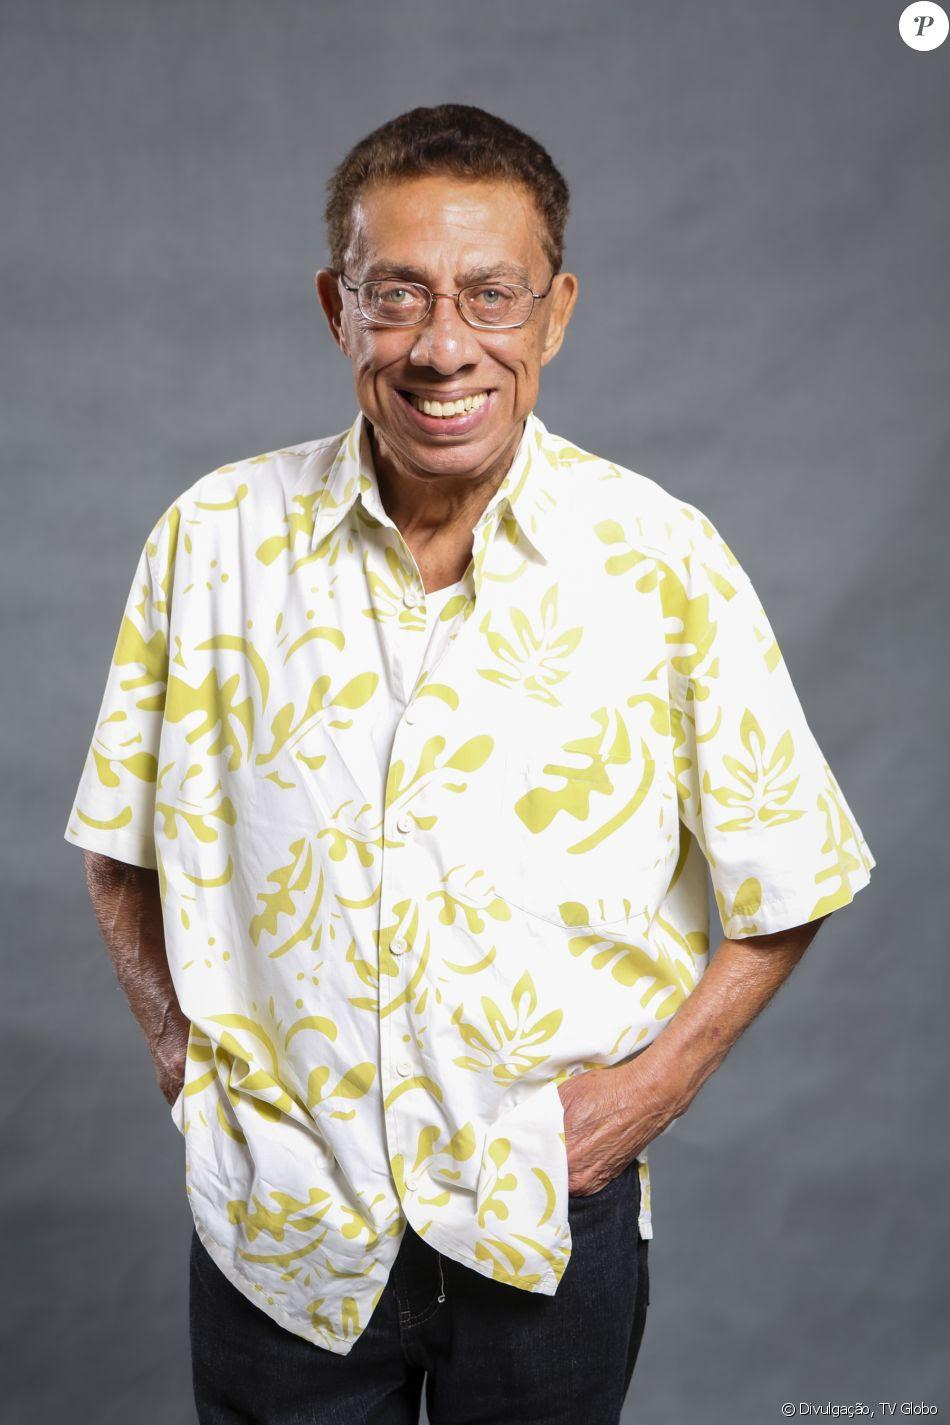 Paulo Silvino morreu aos 78 anos, em 17 de agosto de 2017, vítima de câncer